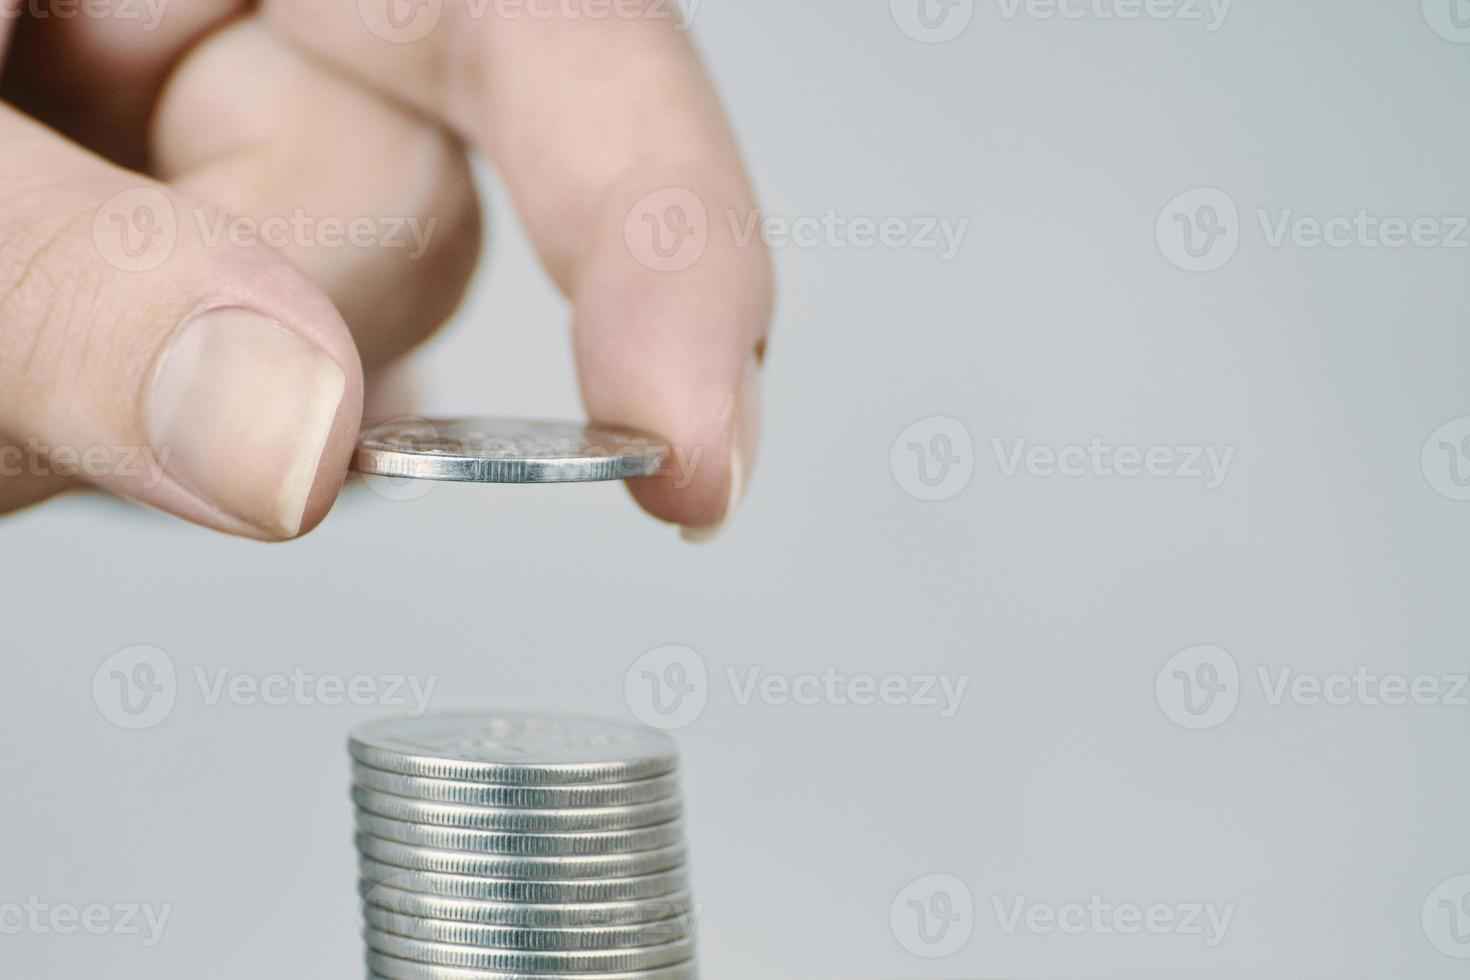 la main de la femme a mis des pièces d'argent en argent à empiler. photo